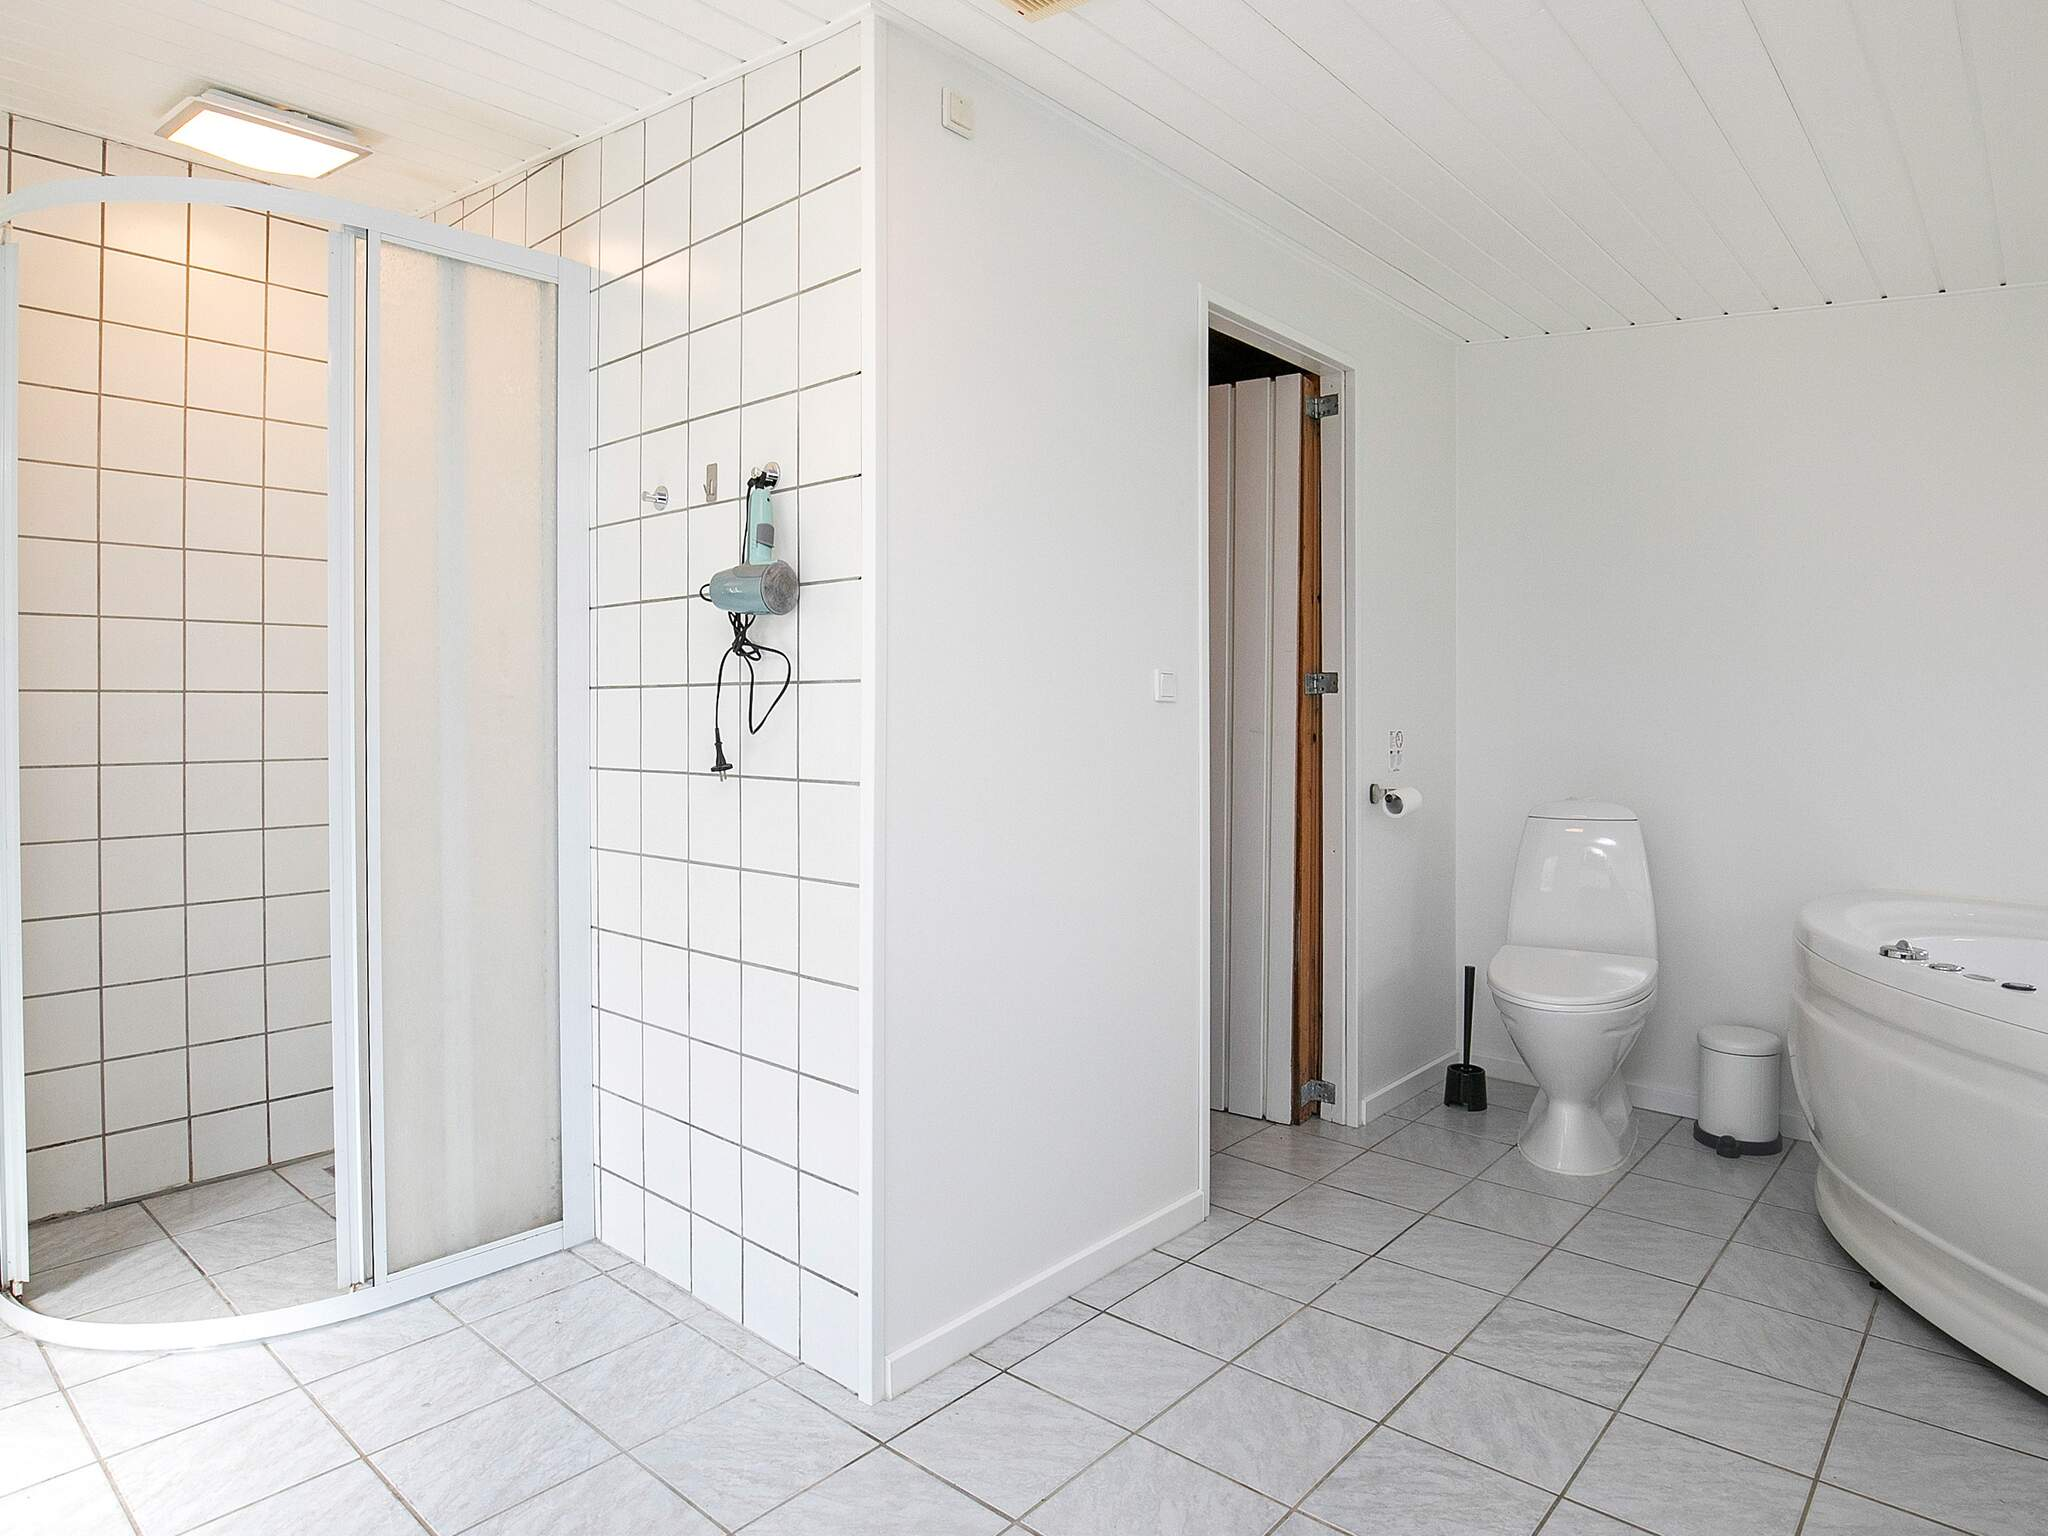 Ferienhaus Hou (2567401), Hou, , Nordostjütland, Dänemark, Bild 9